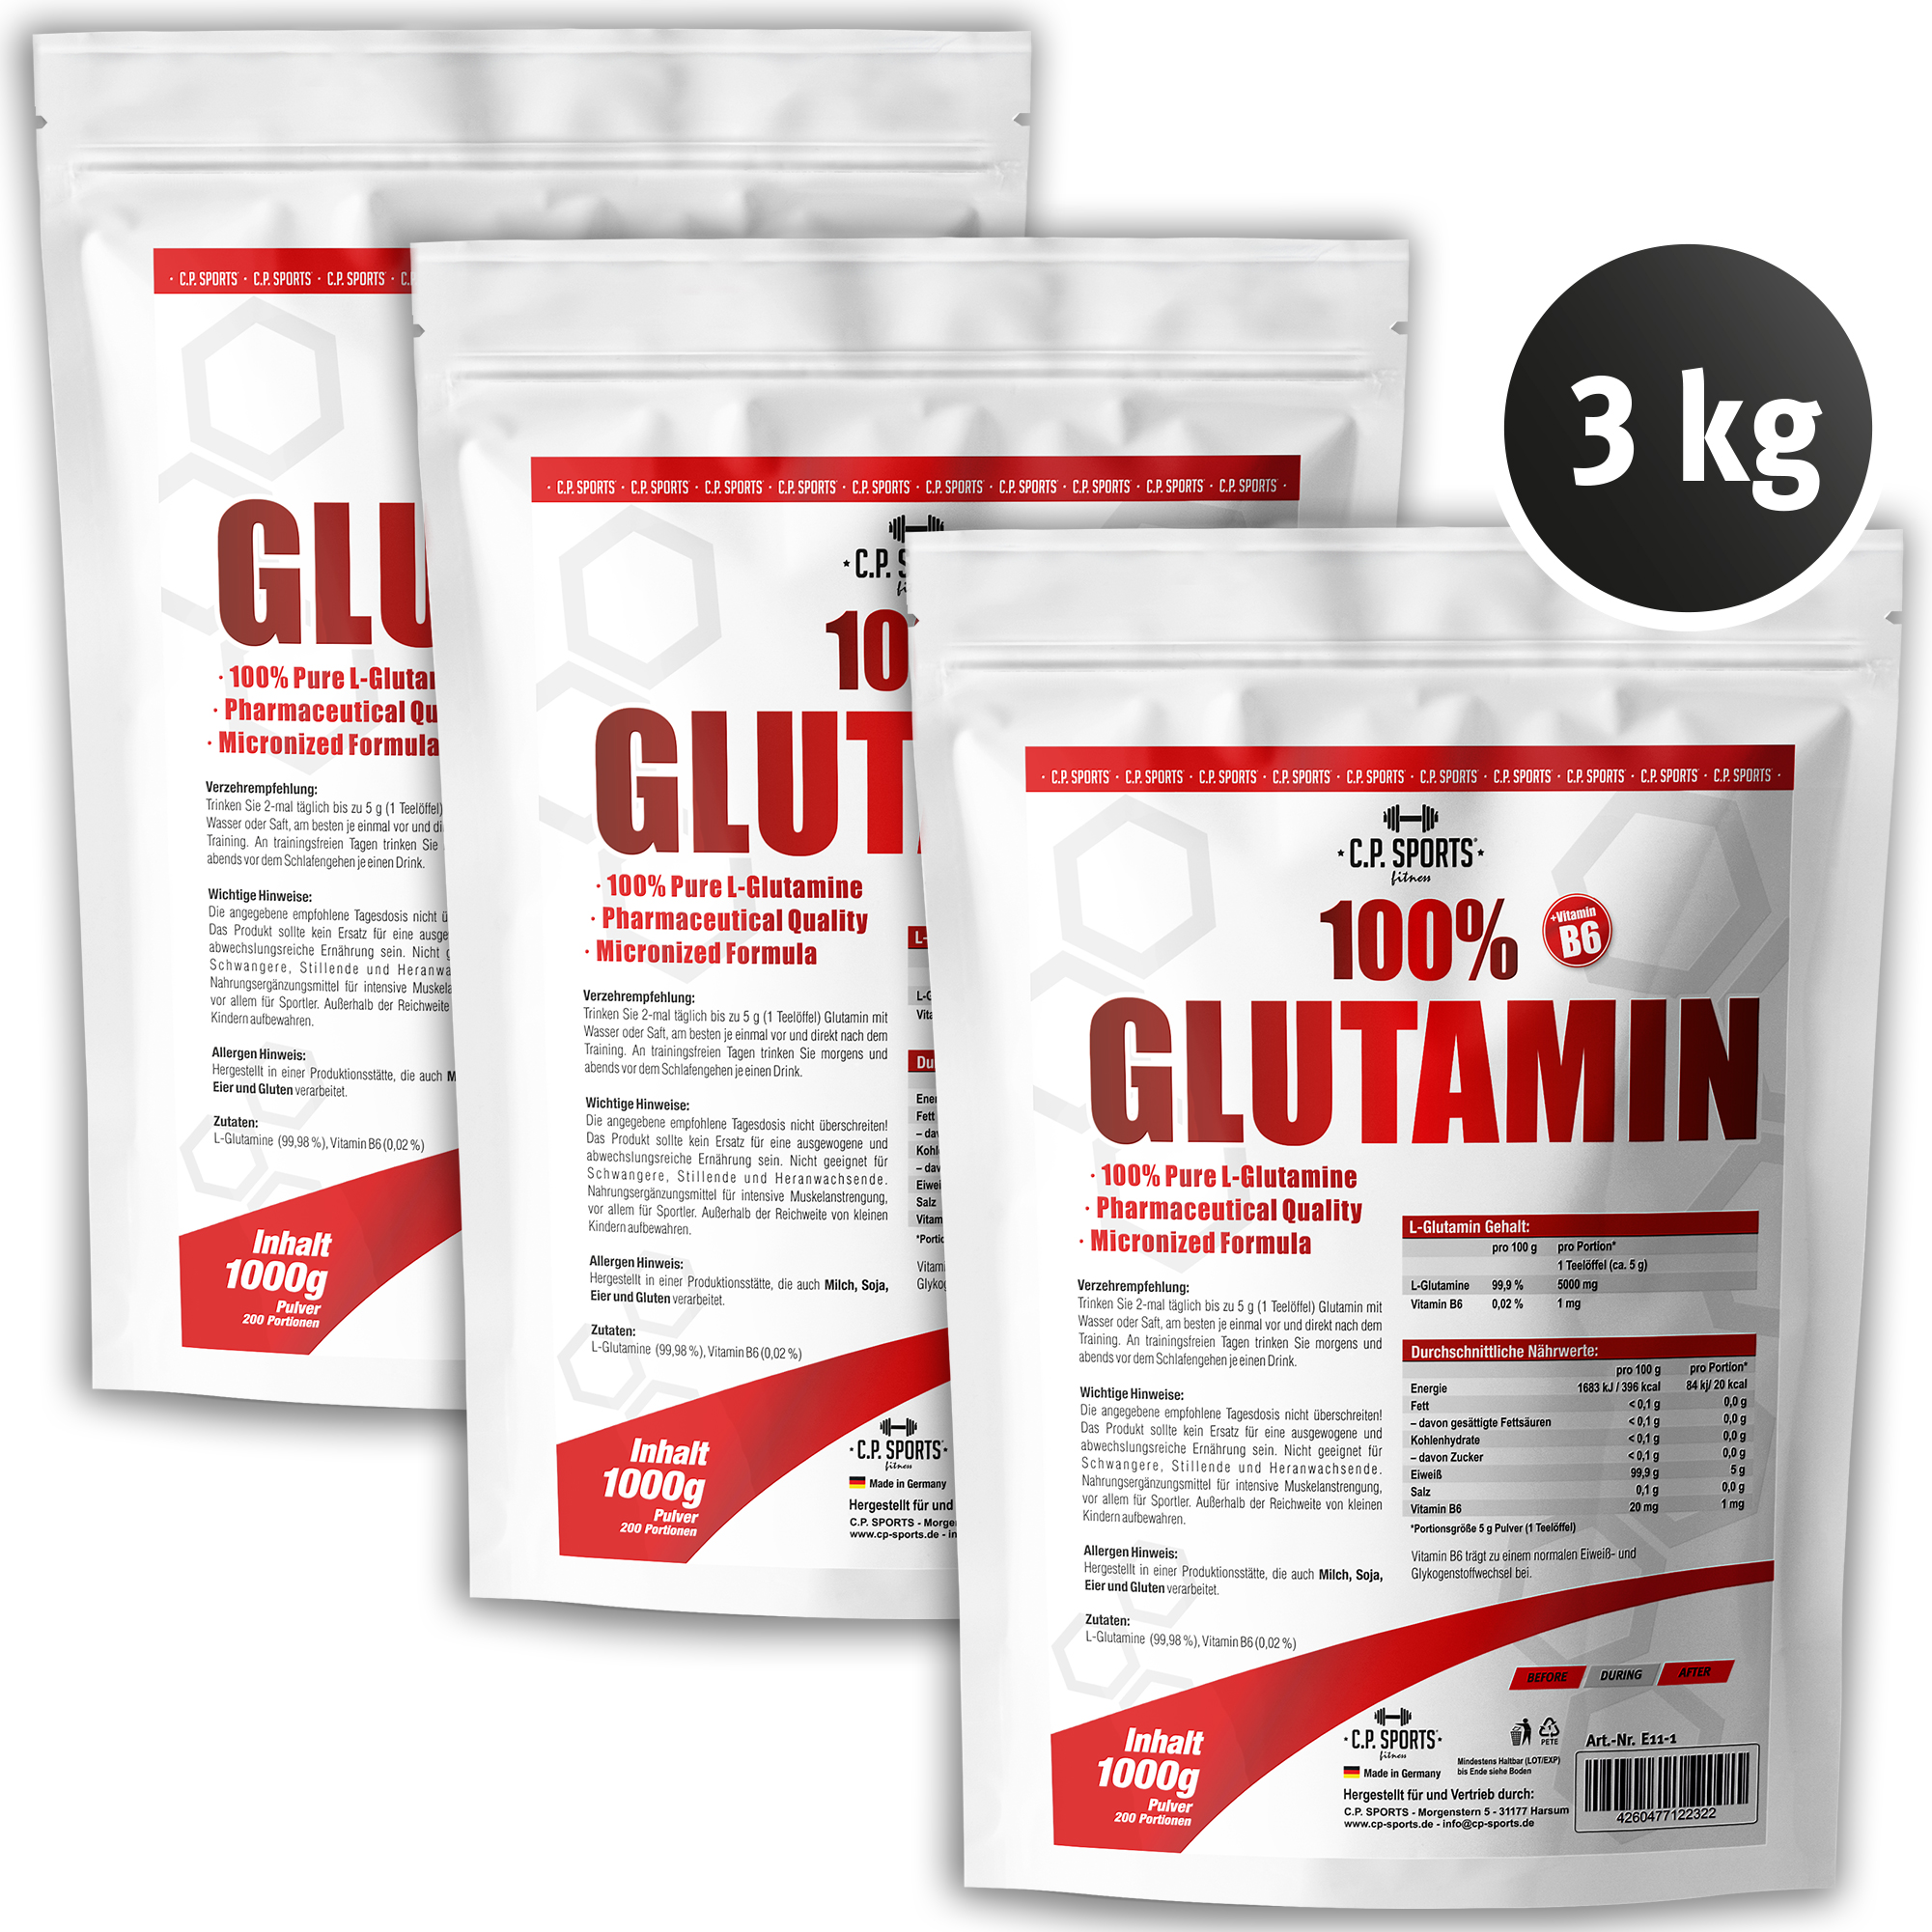 100% Glutamin Fitness Kraftsport Bodybuilding L-Glutamin Aminosäure Bodybuilding Fitness Glutamin ae8146